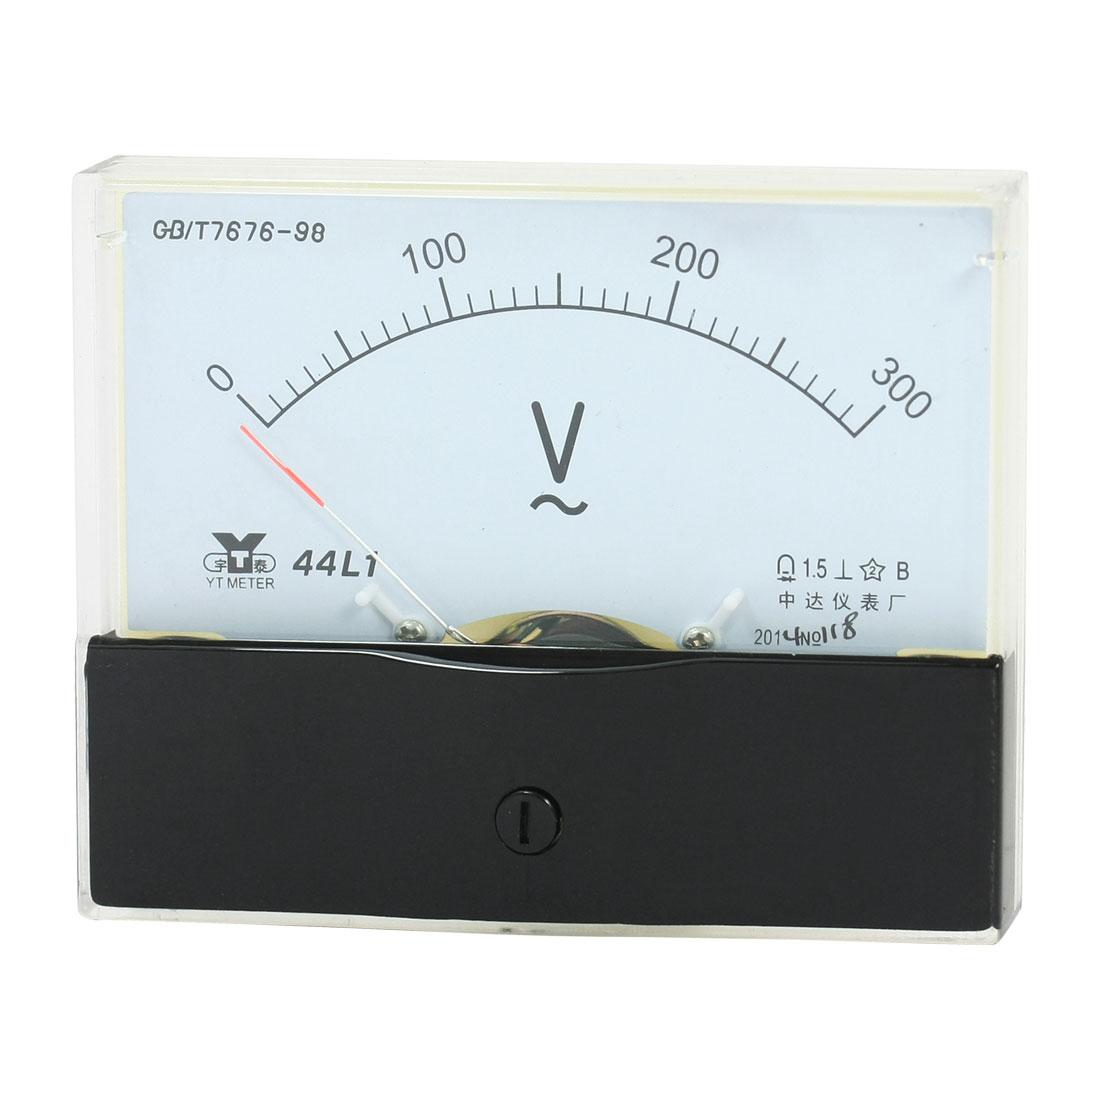 Rectangle Measurement Tool Analog Panel Voltmeter Volt Meter AC 0 - 300V Measuring Range 44L1